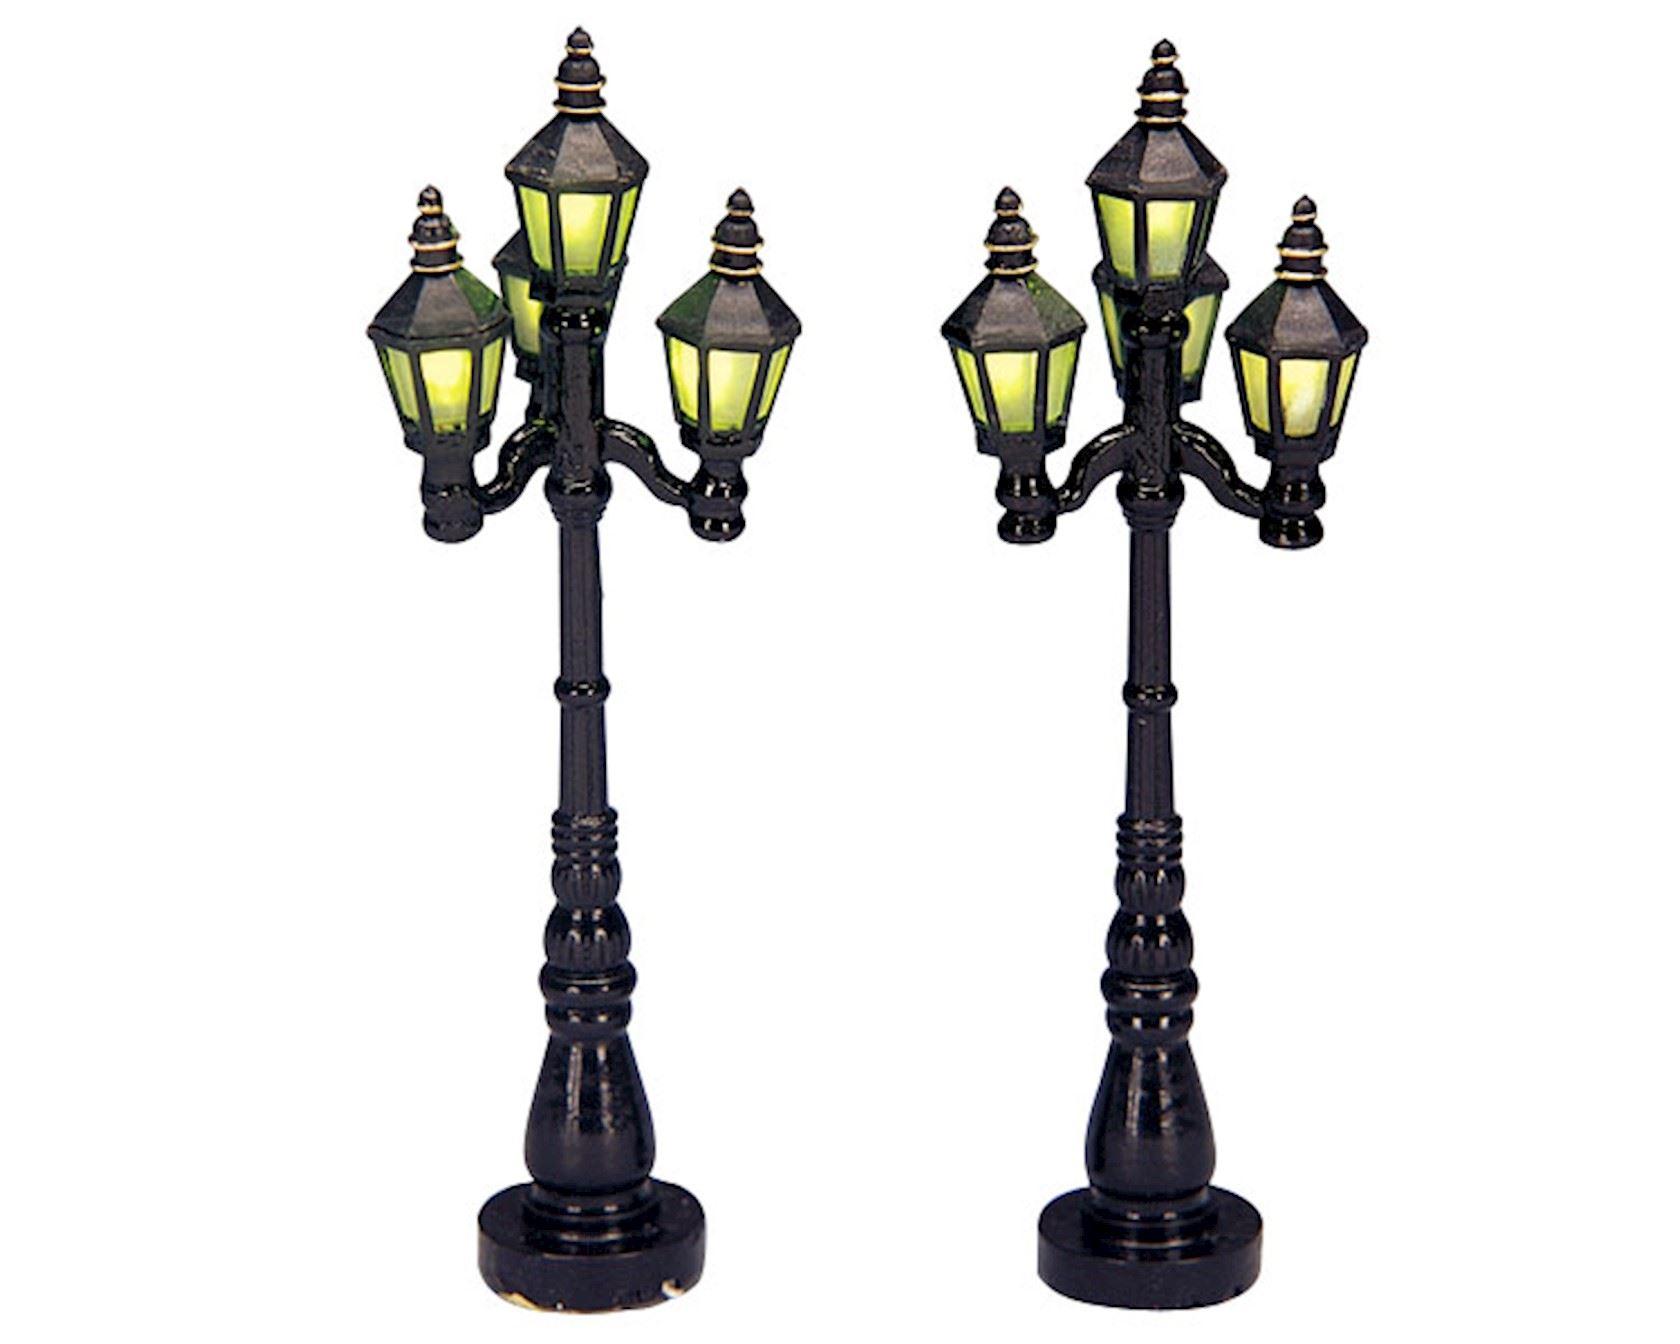 old-english-street-lamp-set-of-2-